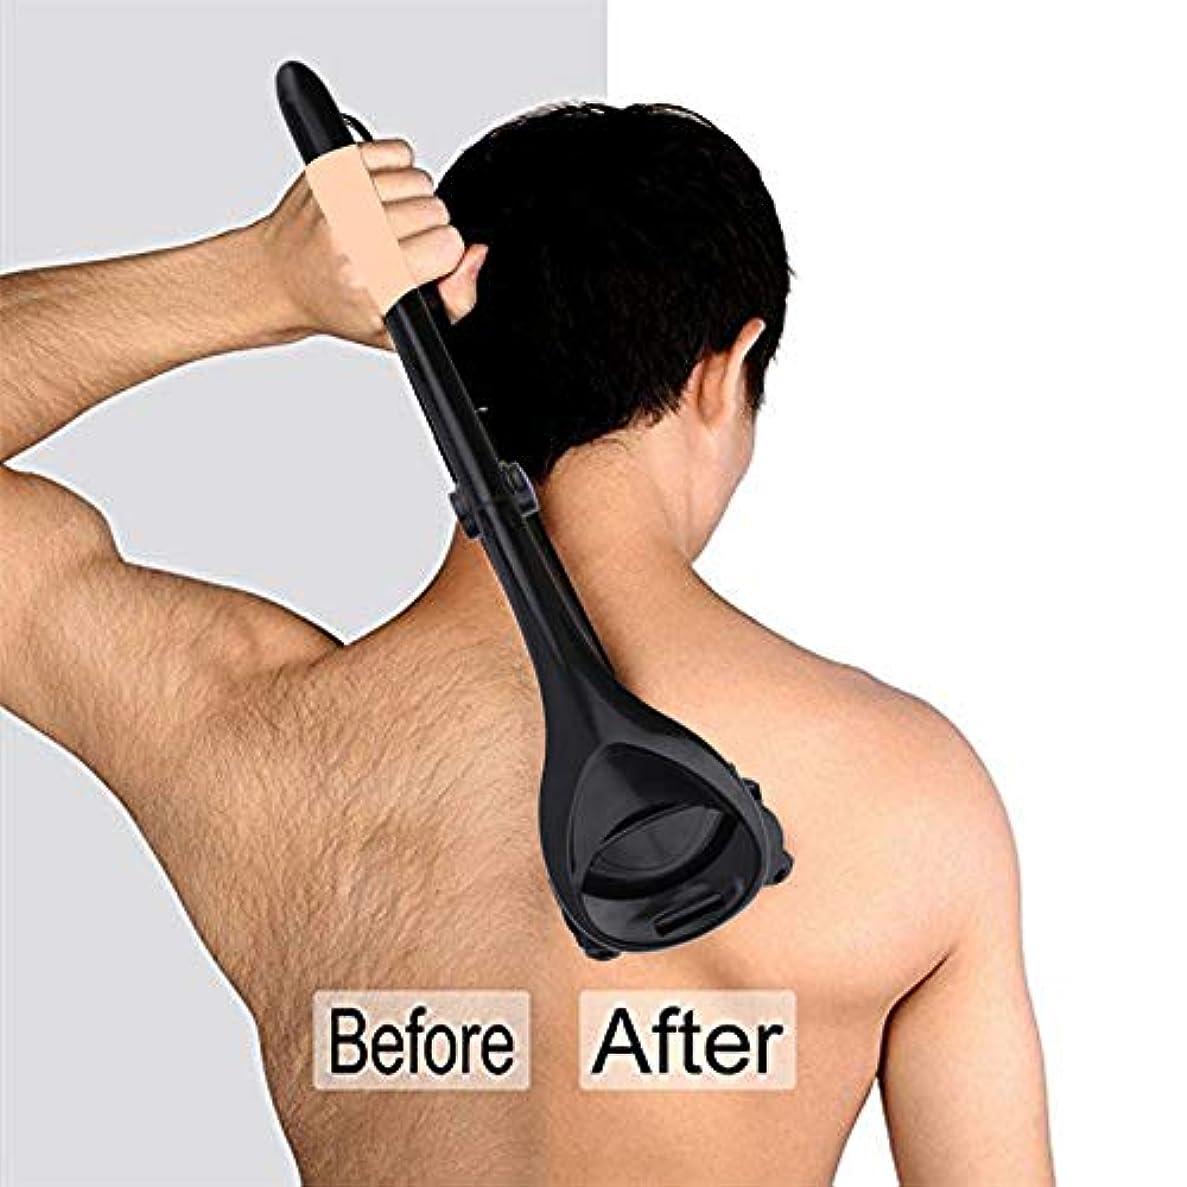 プランター二年生アトラス体の脱毛器男性用手動シェーバーは、全身に適用することができます